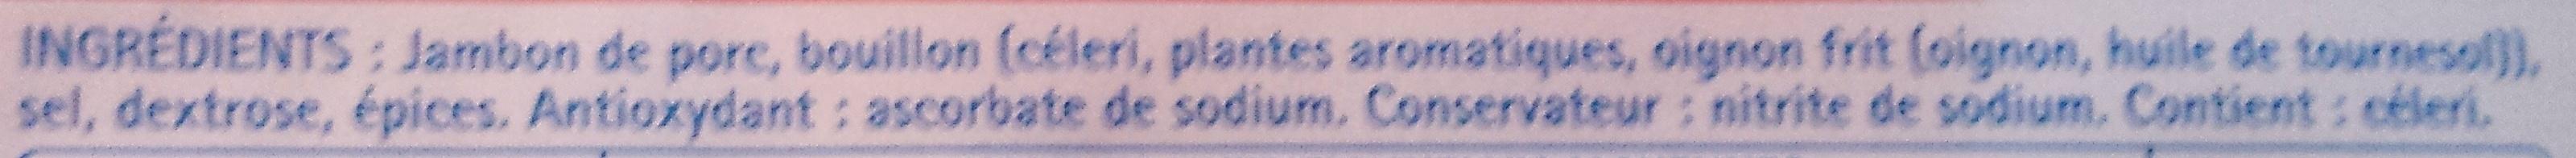 Le supérieur -25% de sel - Ingredients